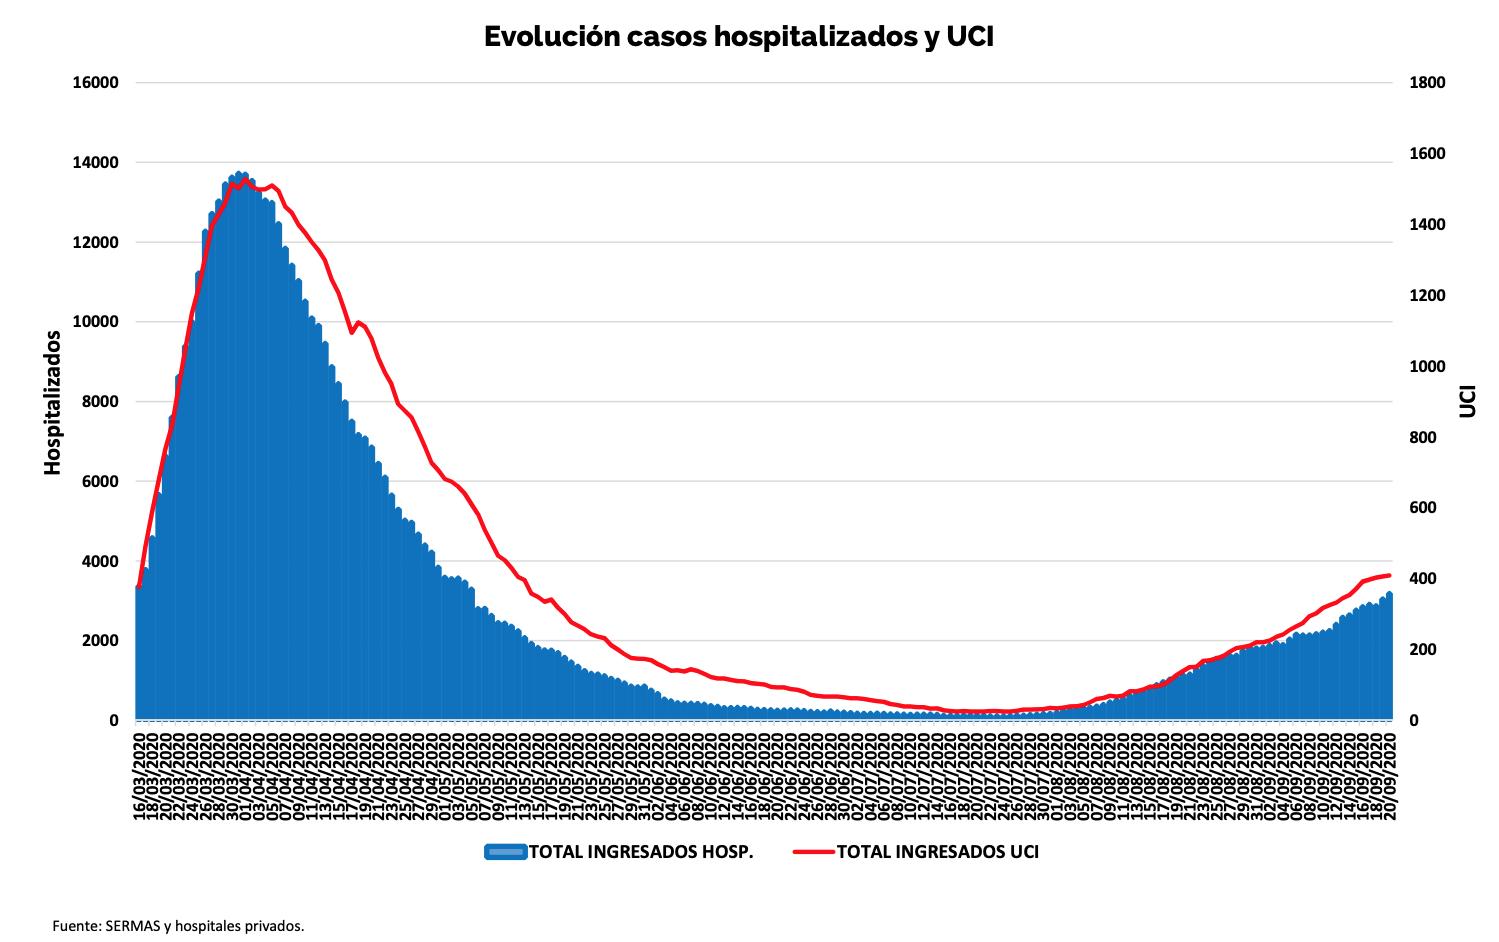 5-evolucion-ingresos-hospitalarios-covid-19-mortalidad.png